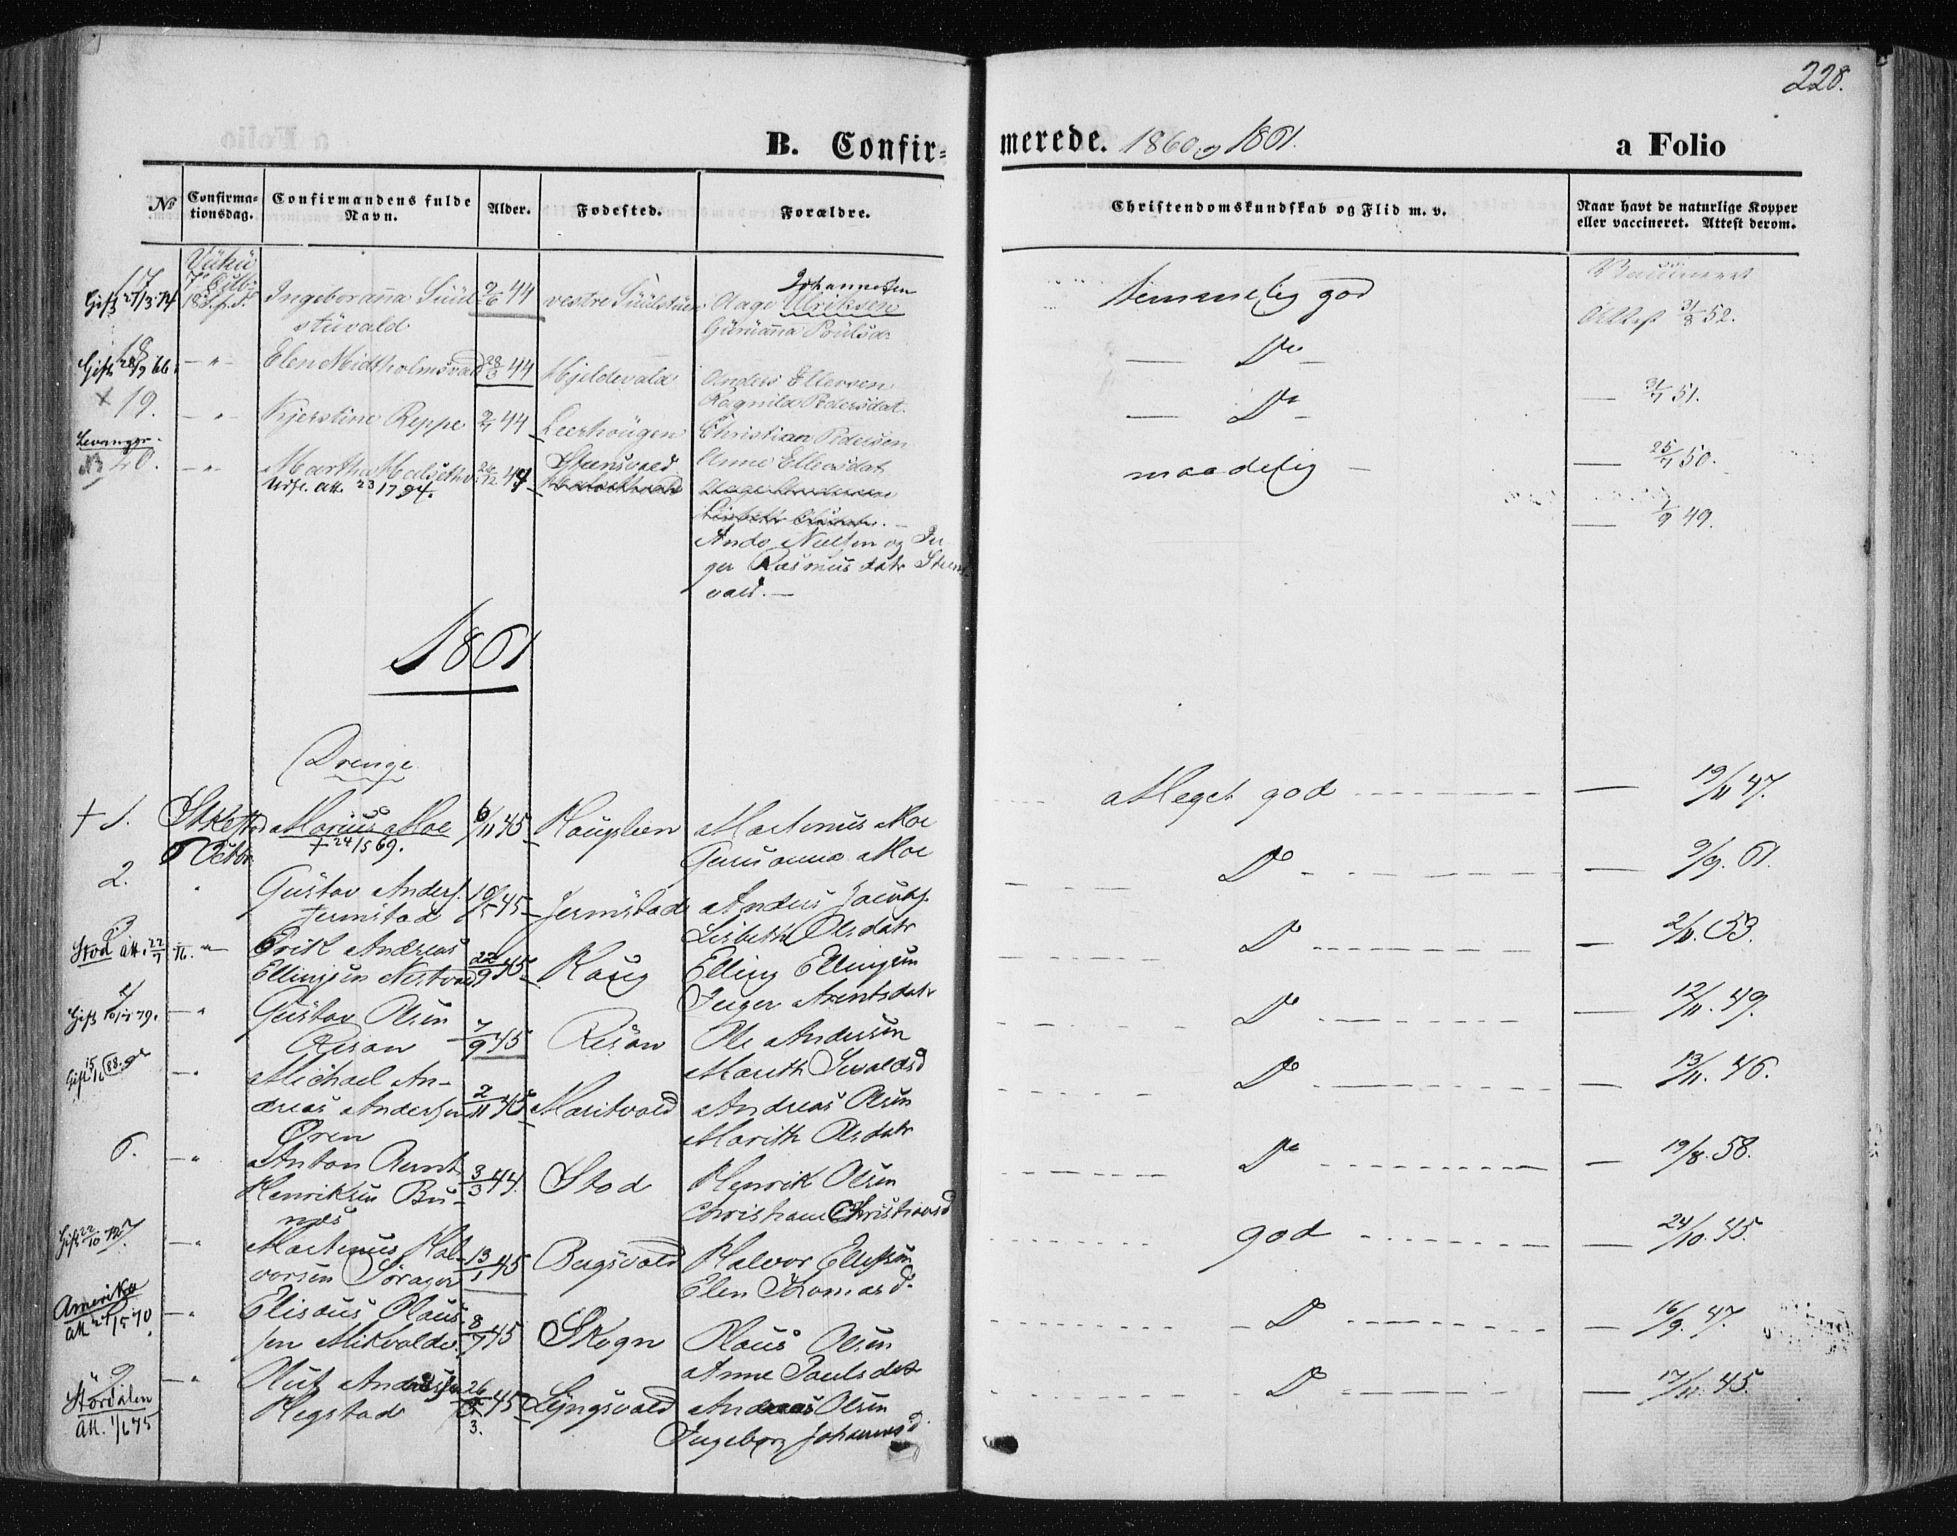 SAT, Ministerialprotokoller, klokkerbøker og fødselsregistre - Nord-Trøndelag, 723/L0241: Ministerialbok nr. 723A10, 1860-1869, s. 228